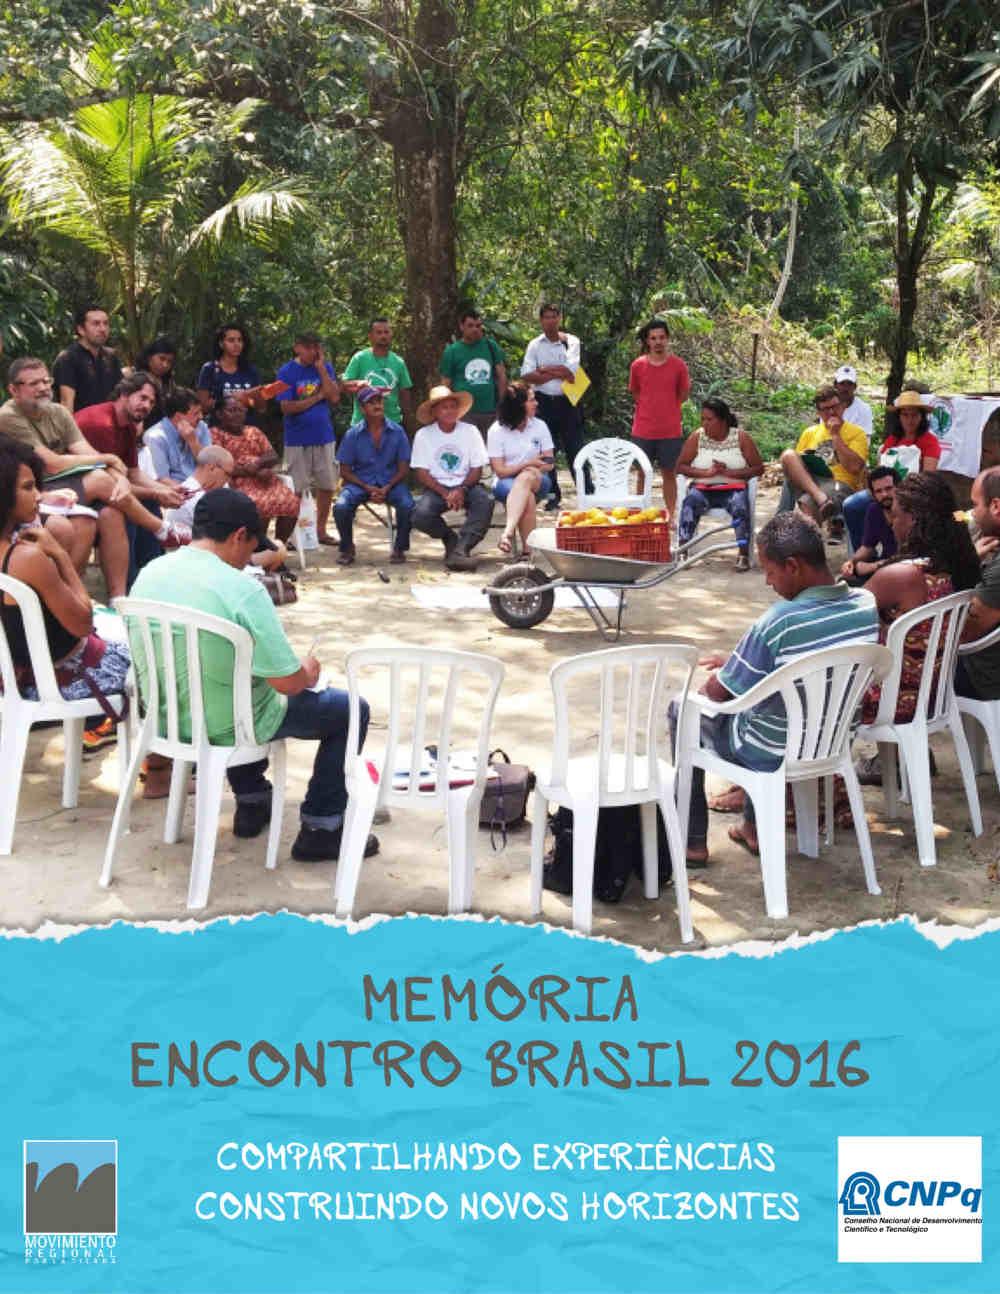 Memória Encontro Brasil 2016